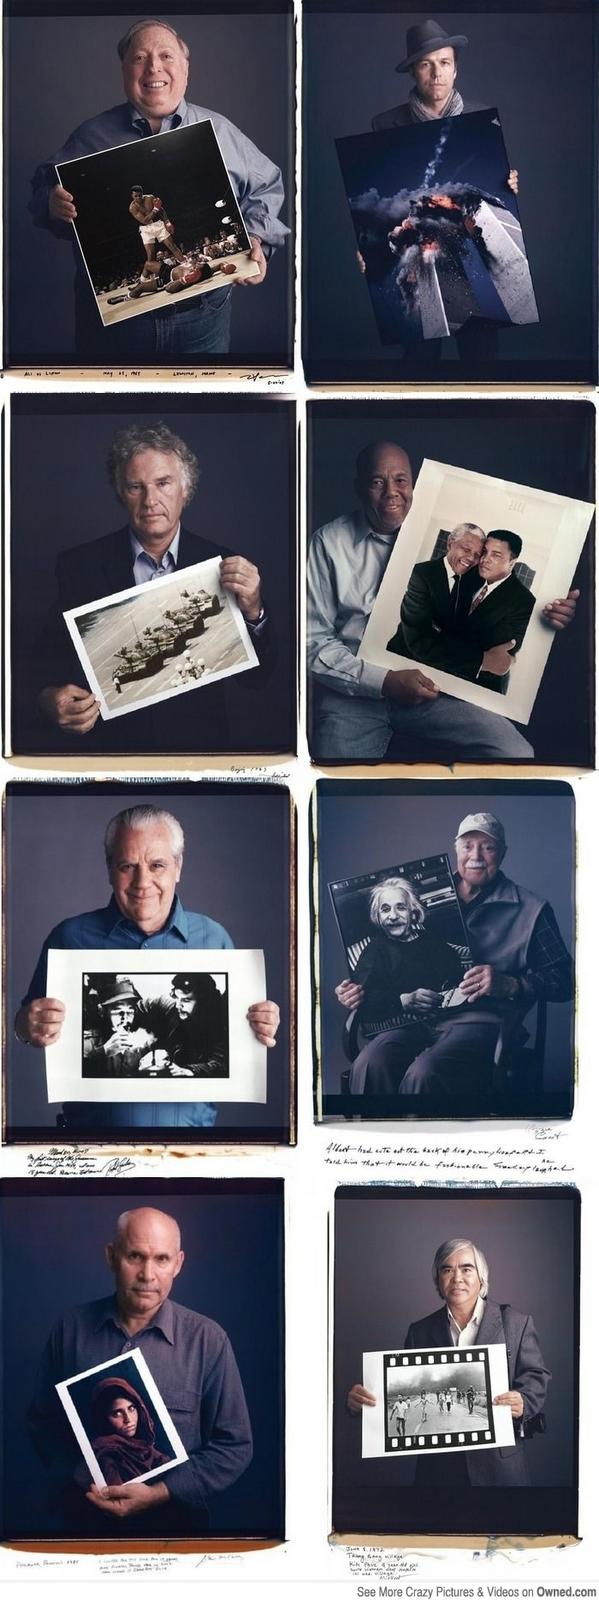 Las caras atras de esas fotos famosas e históricas.